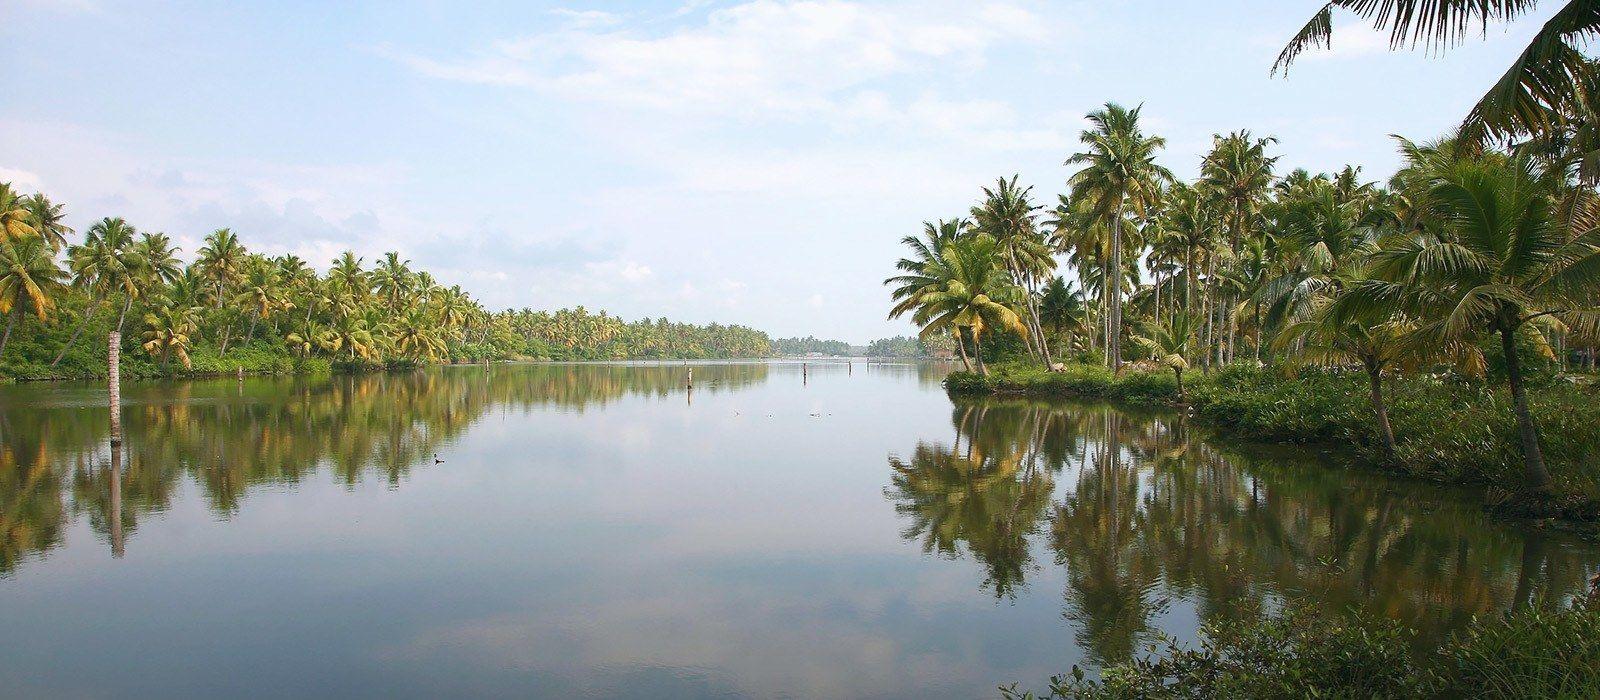 Rundreise: Prächtiges Rajasthan & entspanntes Kerala Urlaub 5